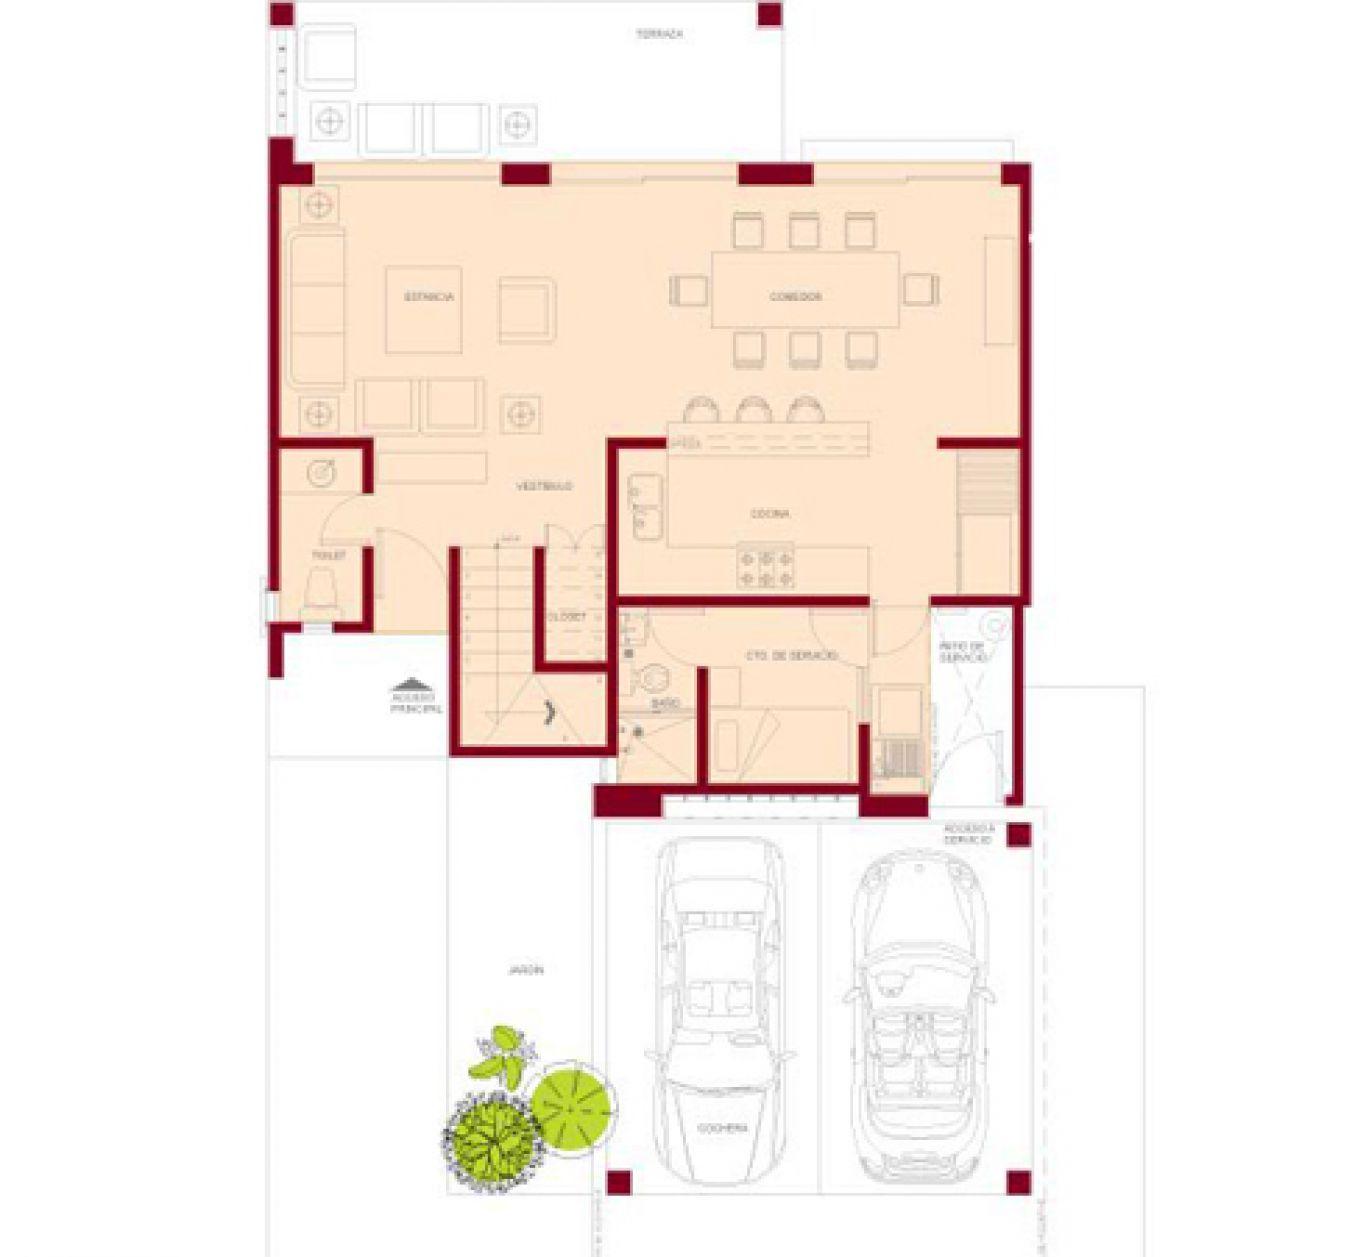 Residencial paraíso country club, id 1525184, no 2, plano de fairway, 405